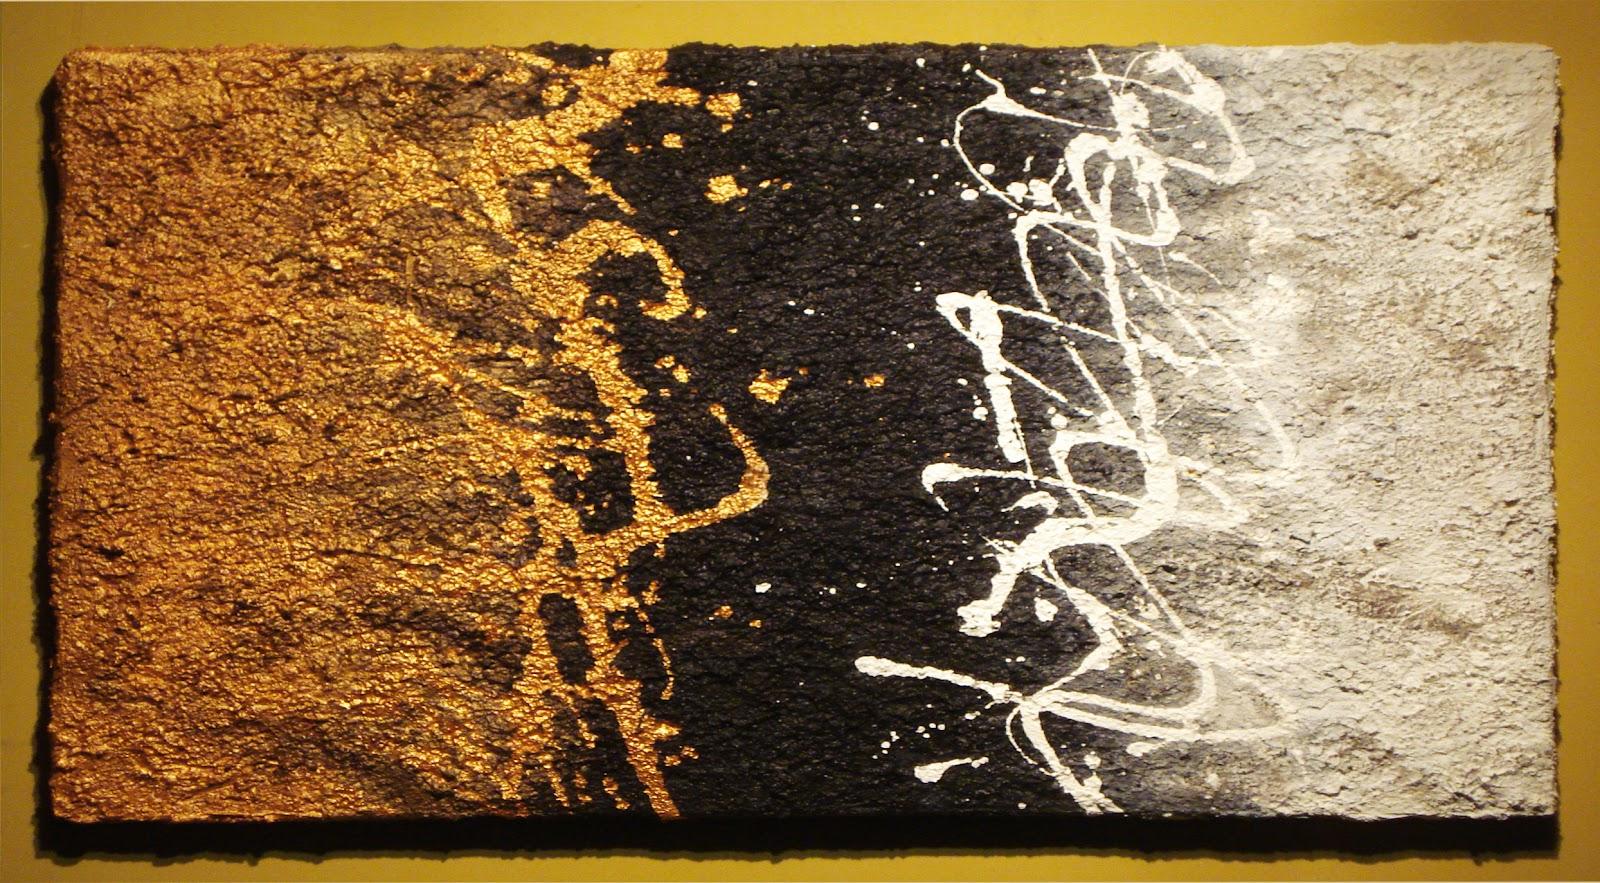 Valkiria cuadros arte y escultura cuadros abstractos con - Cuadros con texturas abstractos ...